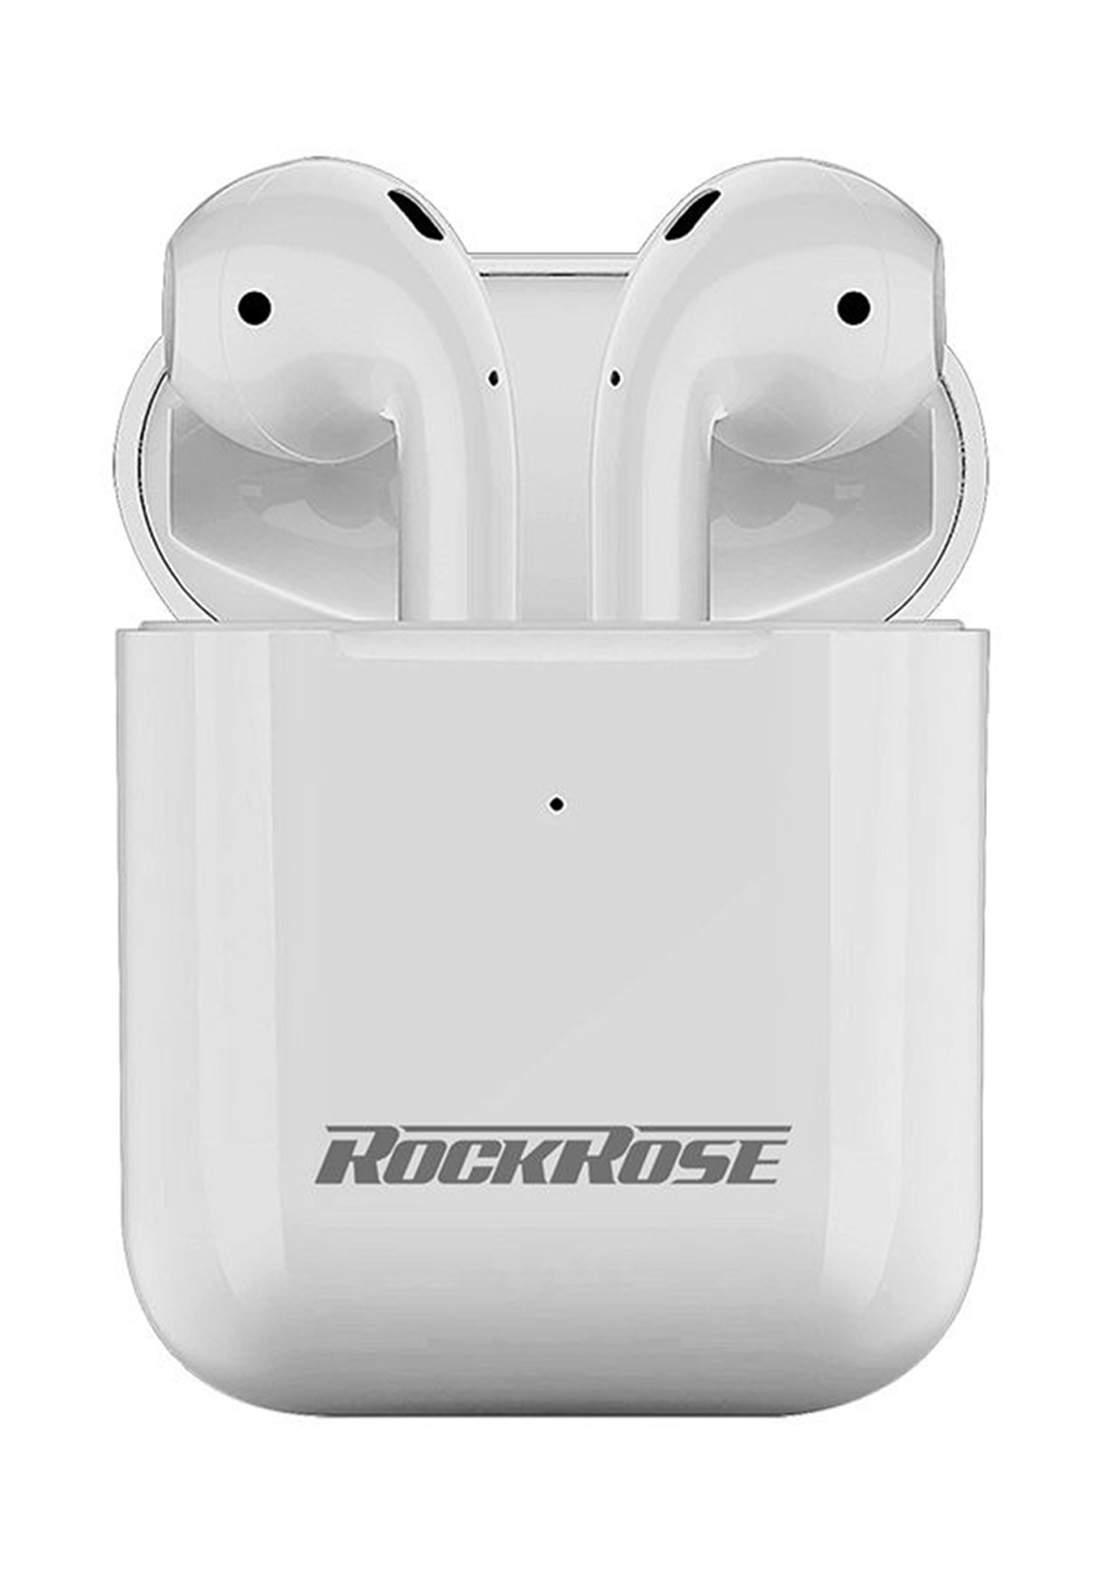 Rockrose - Opera II wireless stereo earphones سماعة لا سلكية